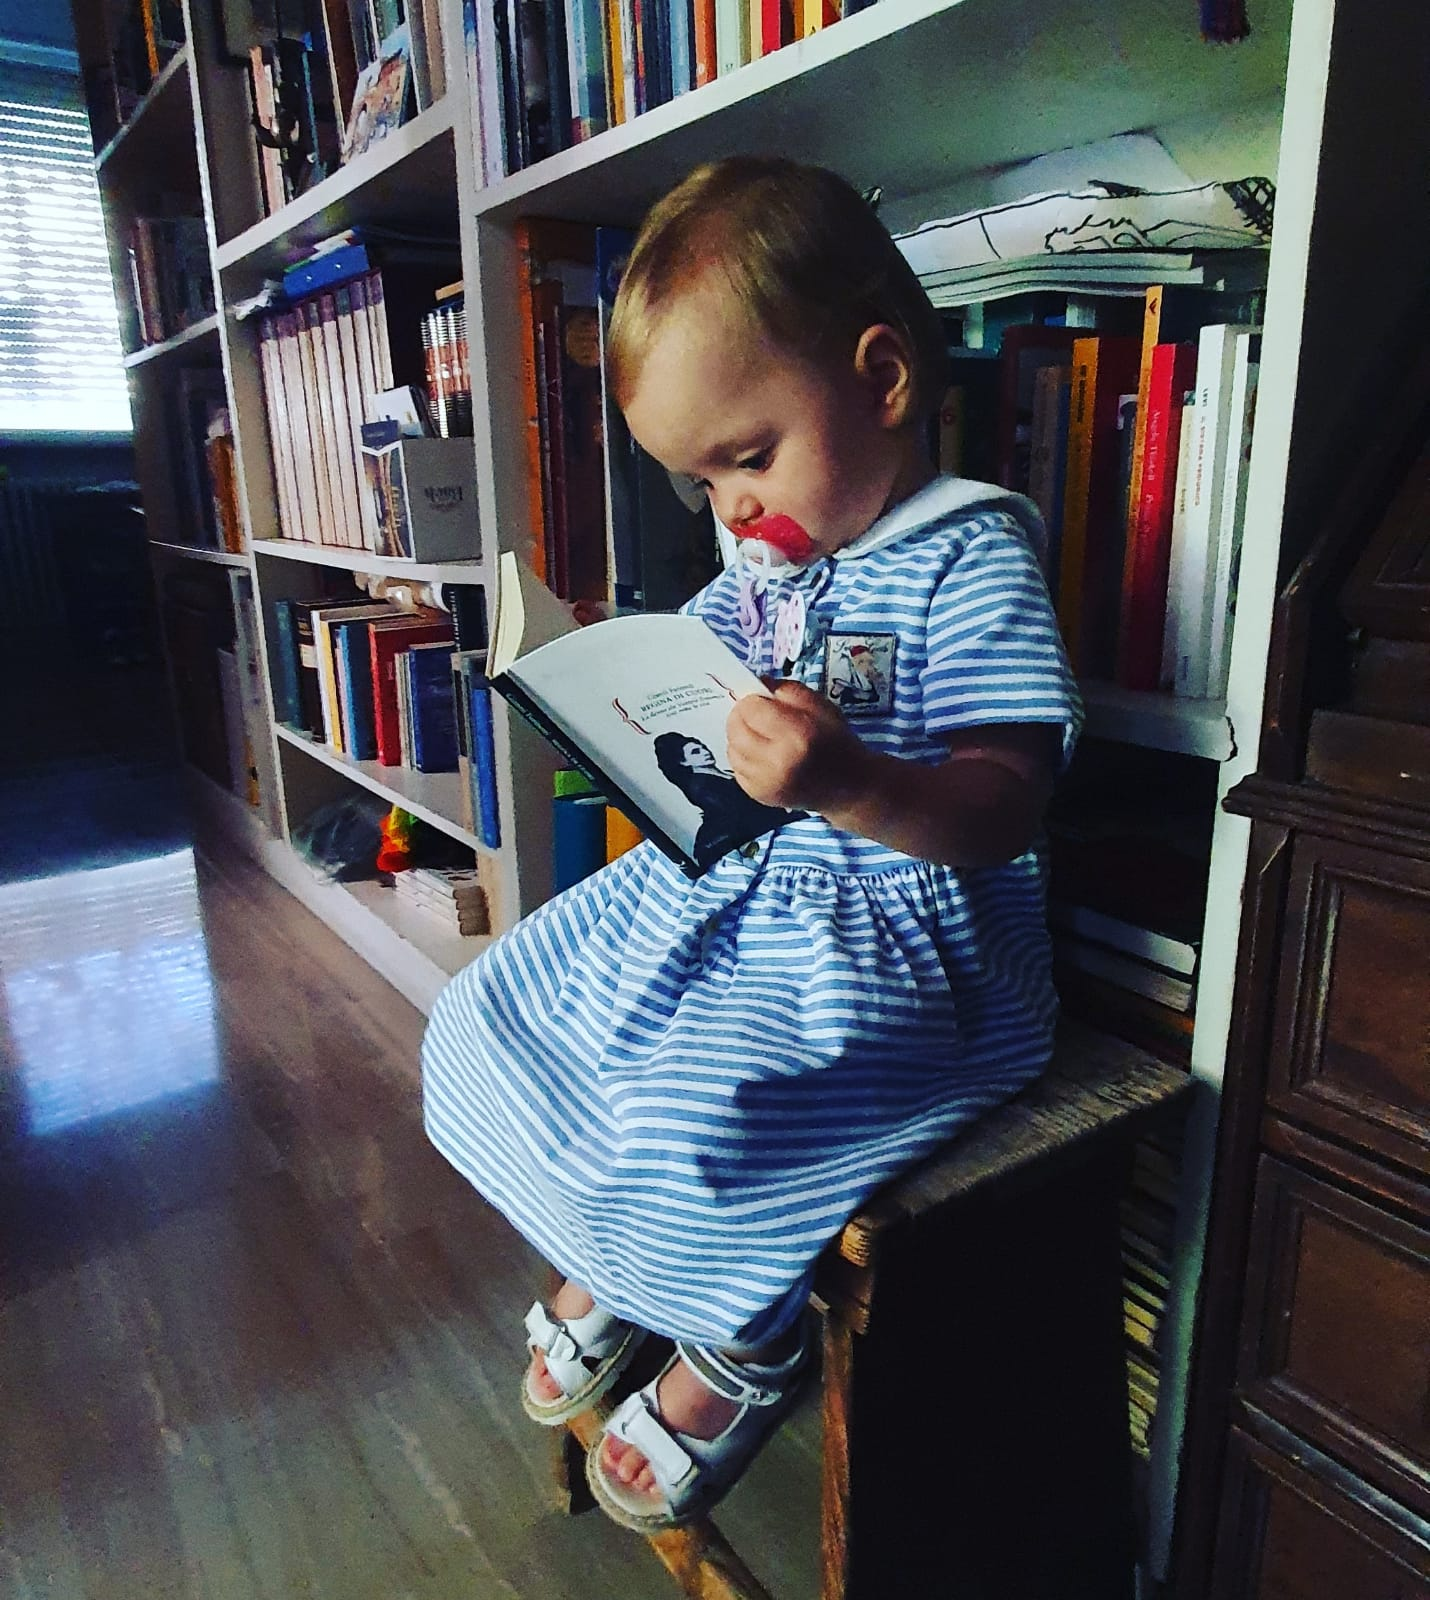 20 Novembre 2021. Il piccolo lettore Maisazio